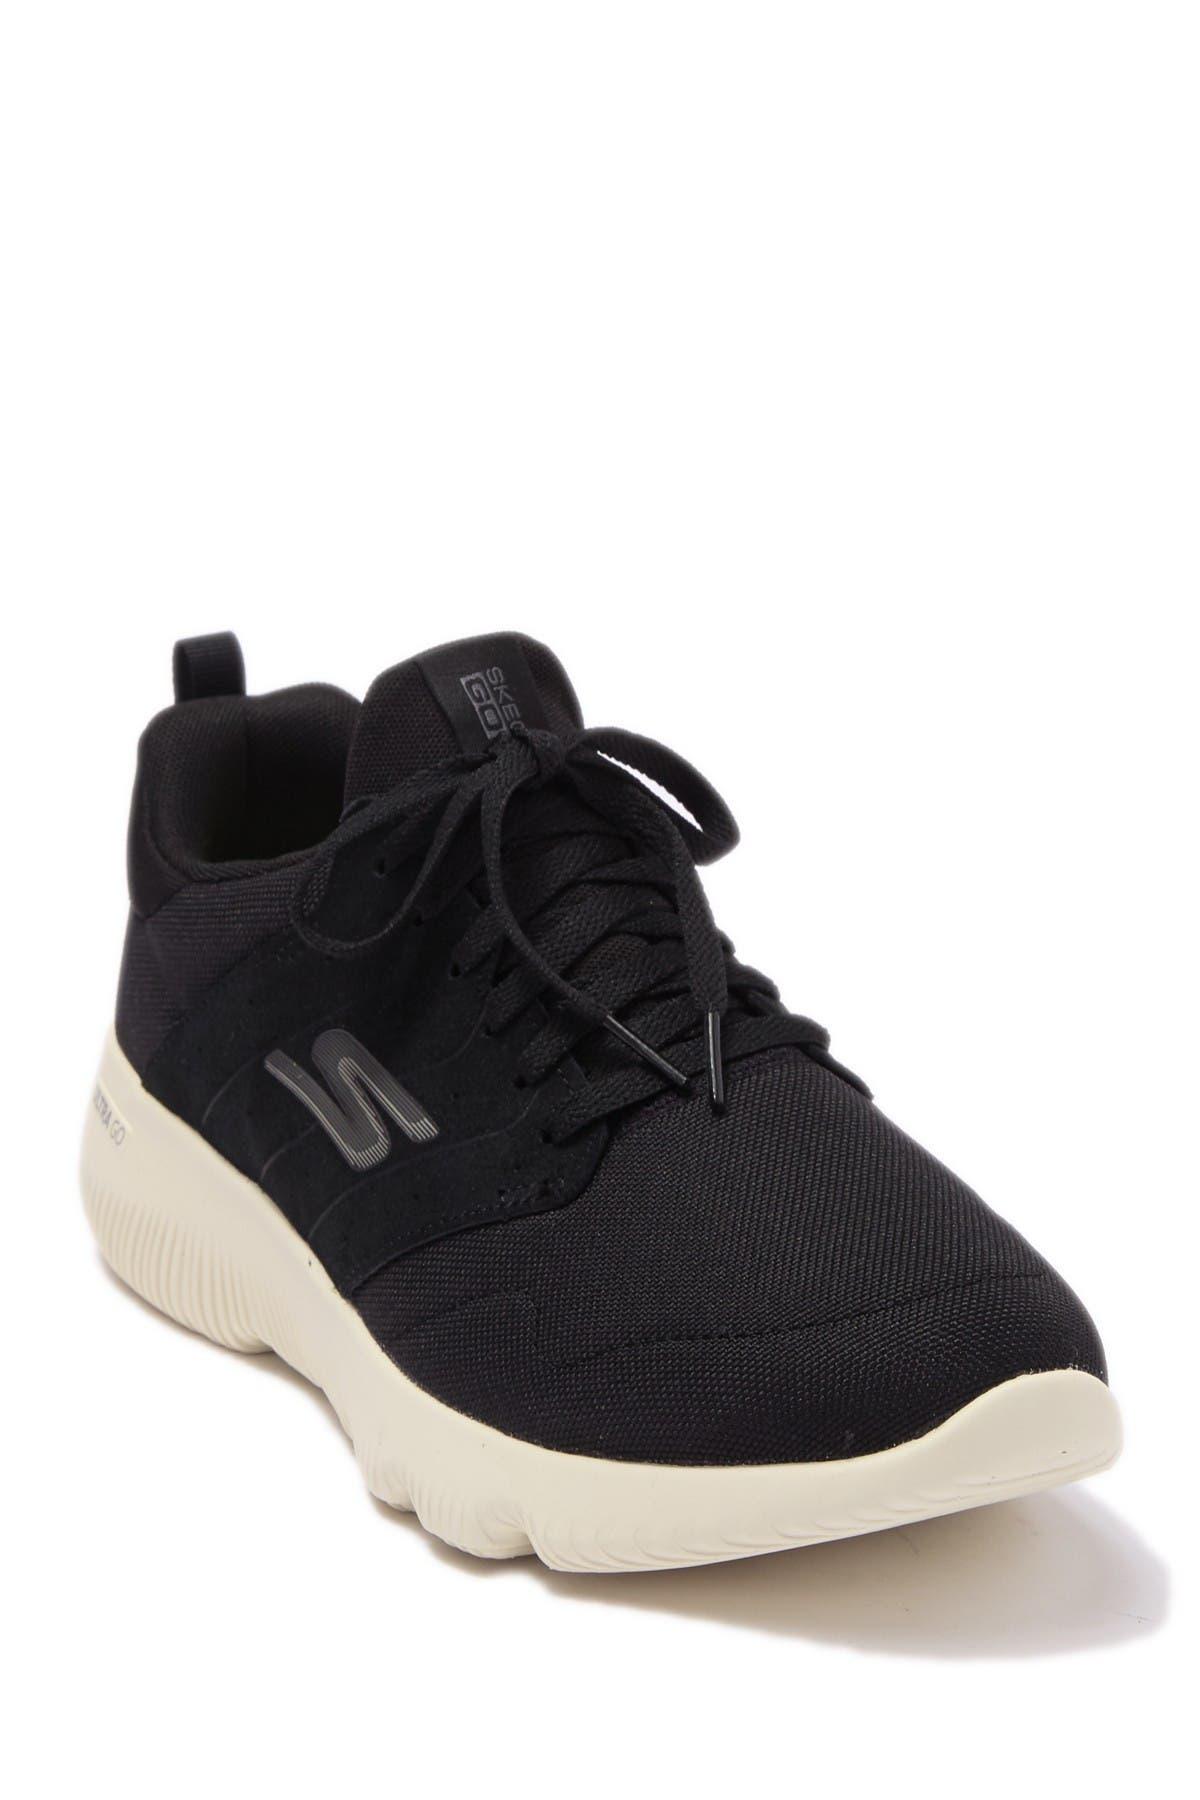 Image of Skechers Go Run Focus Argos Sneaker